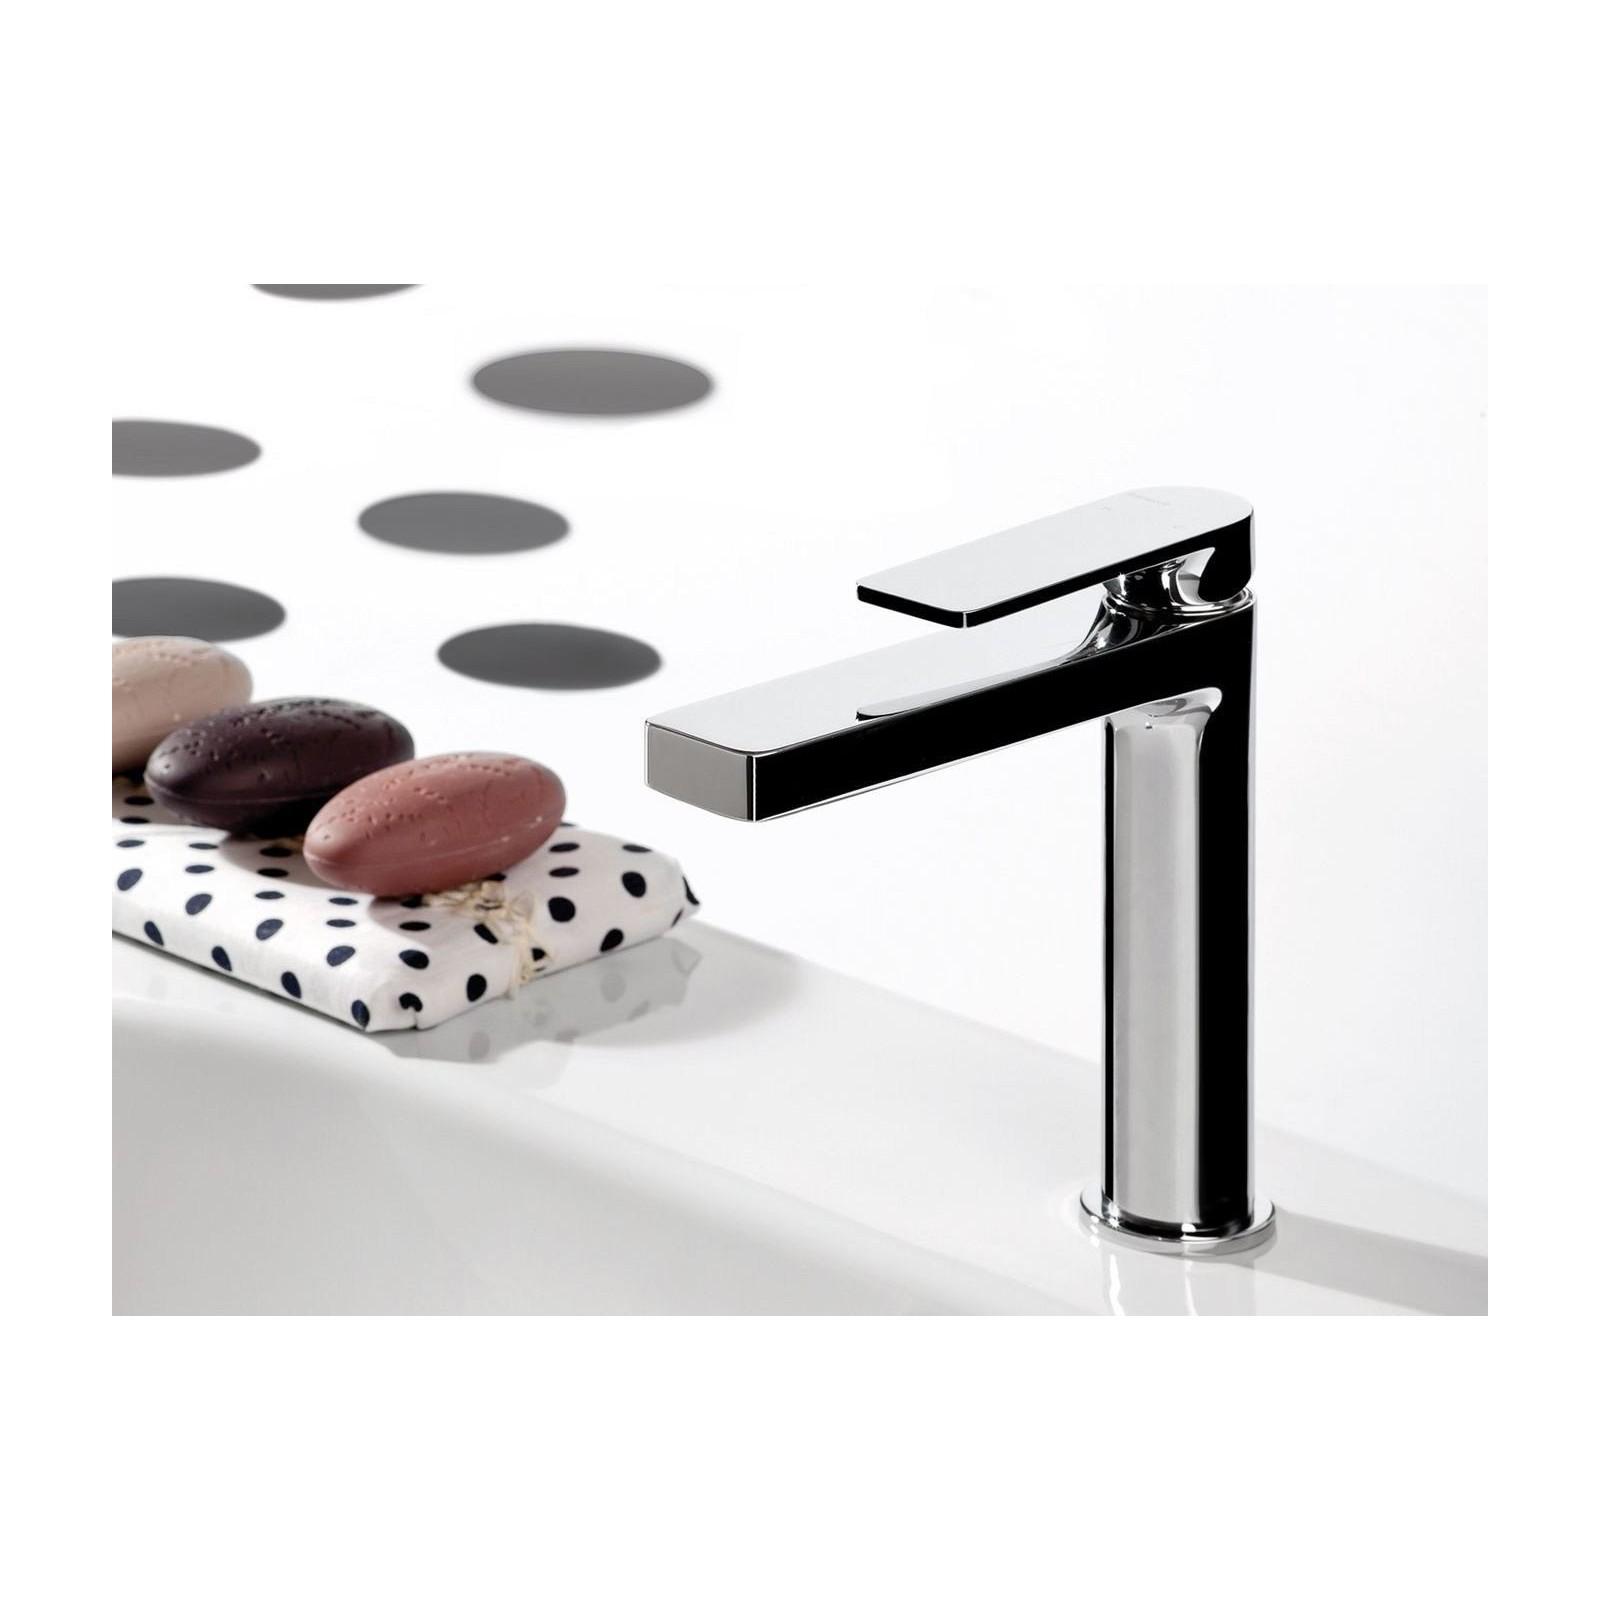 Pois rubinetterie per il bagno by Ritmonio - ConteCom